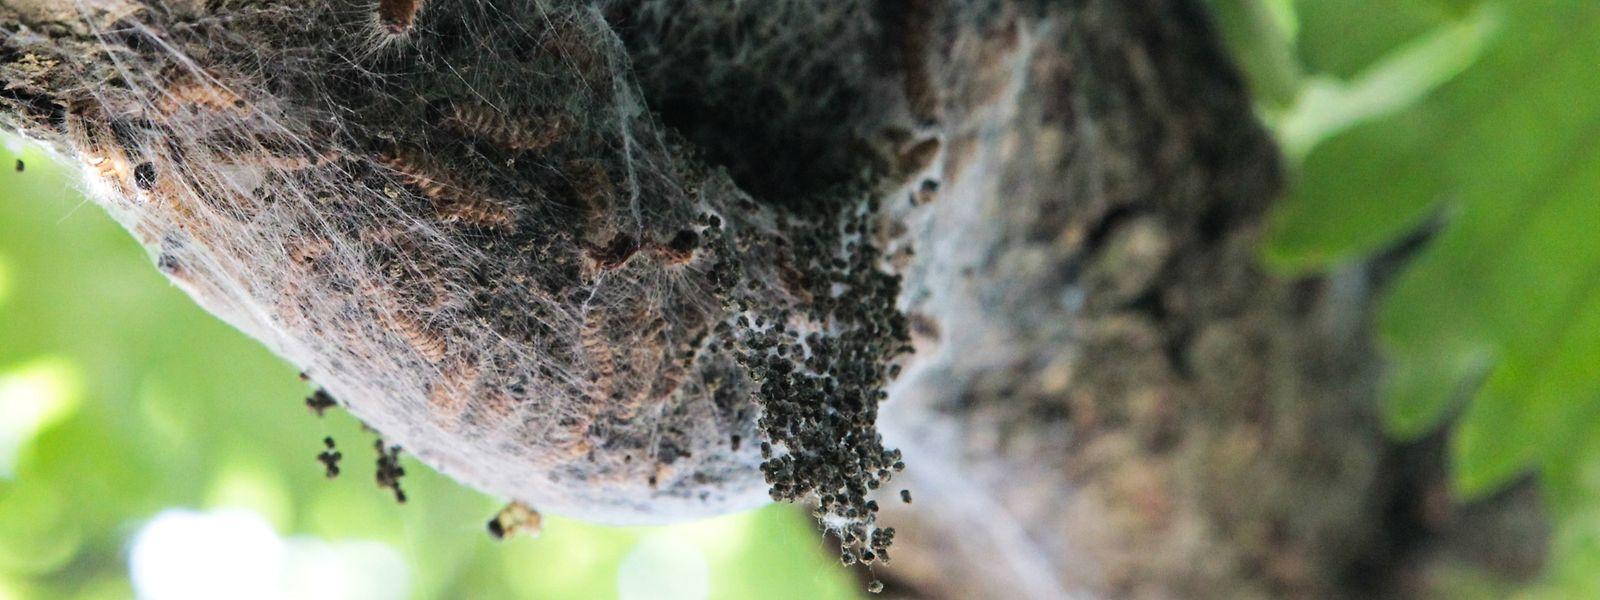 Die Nester des Eichenprozessionsspinners sollte man am besten meiden.